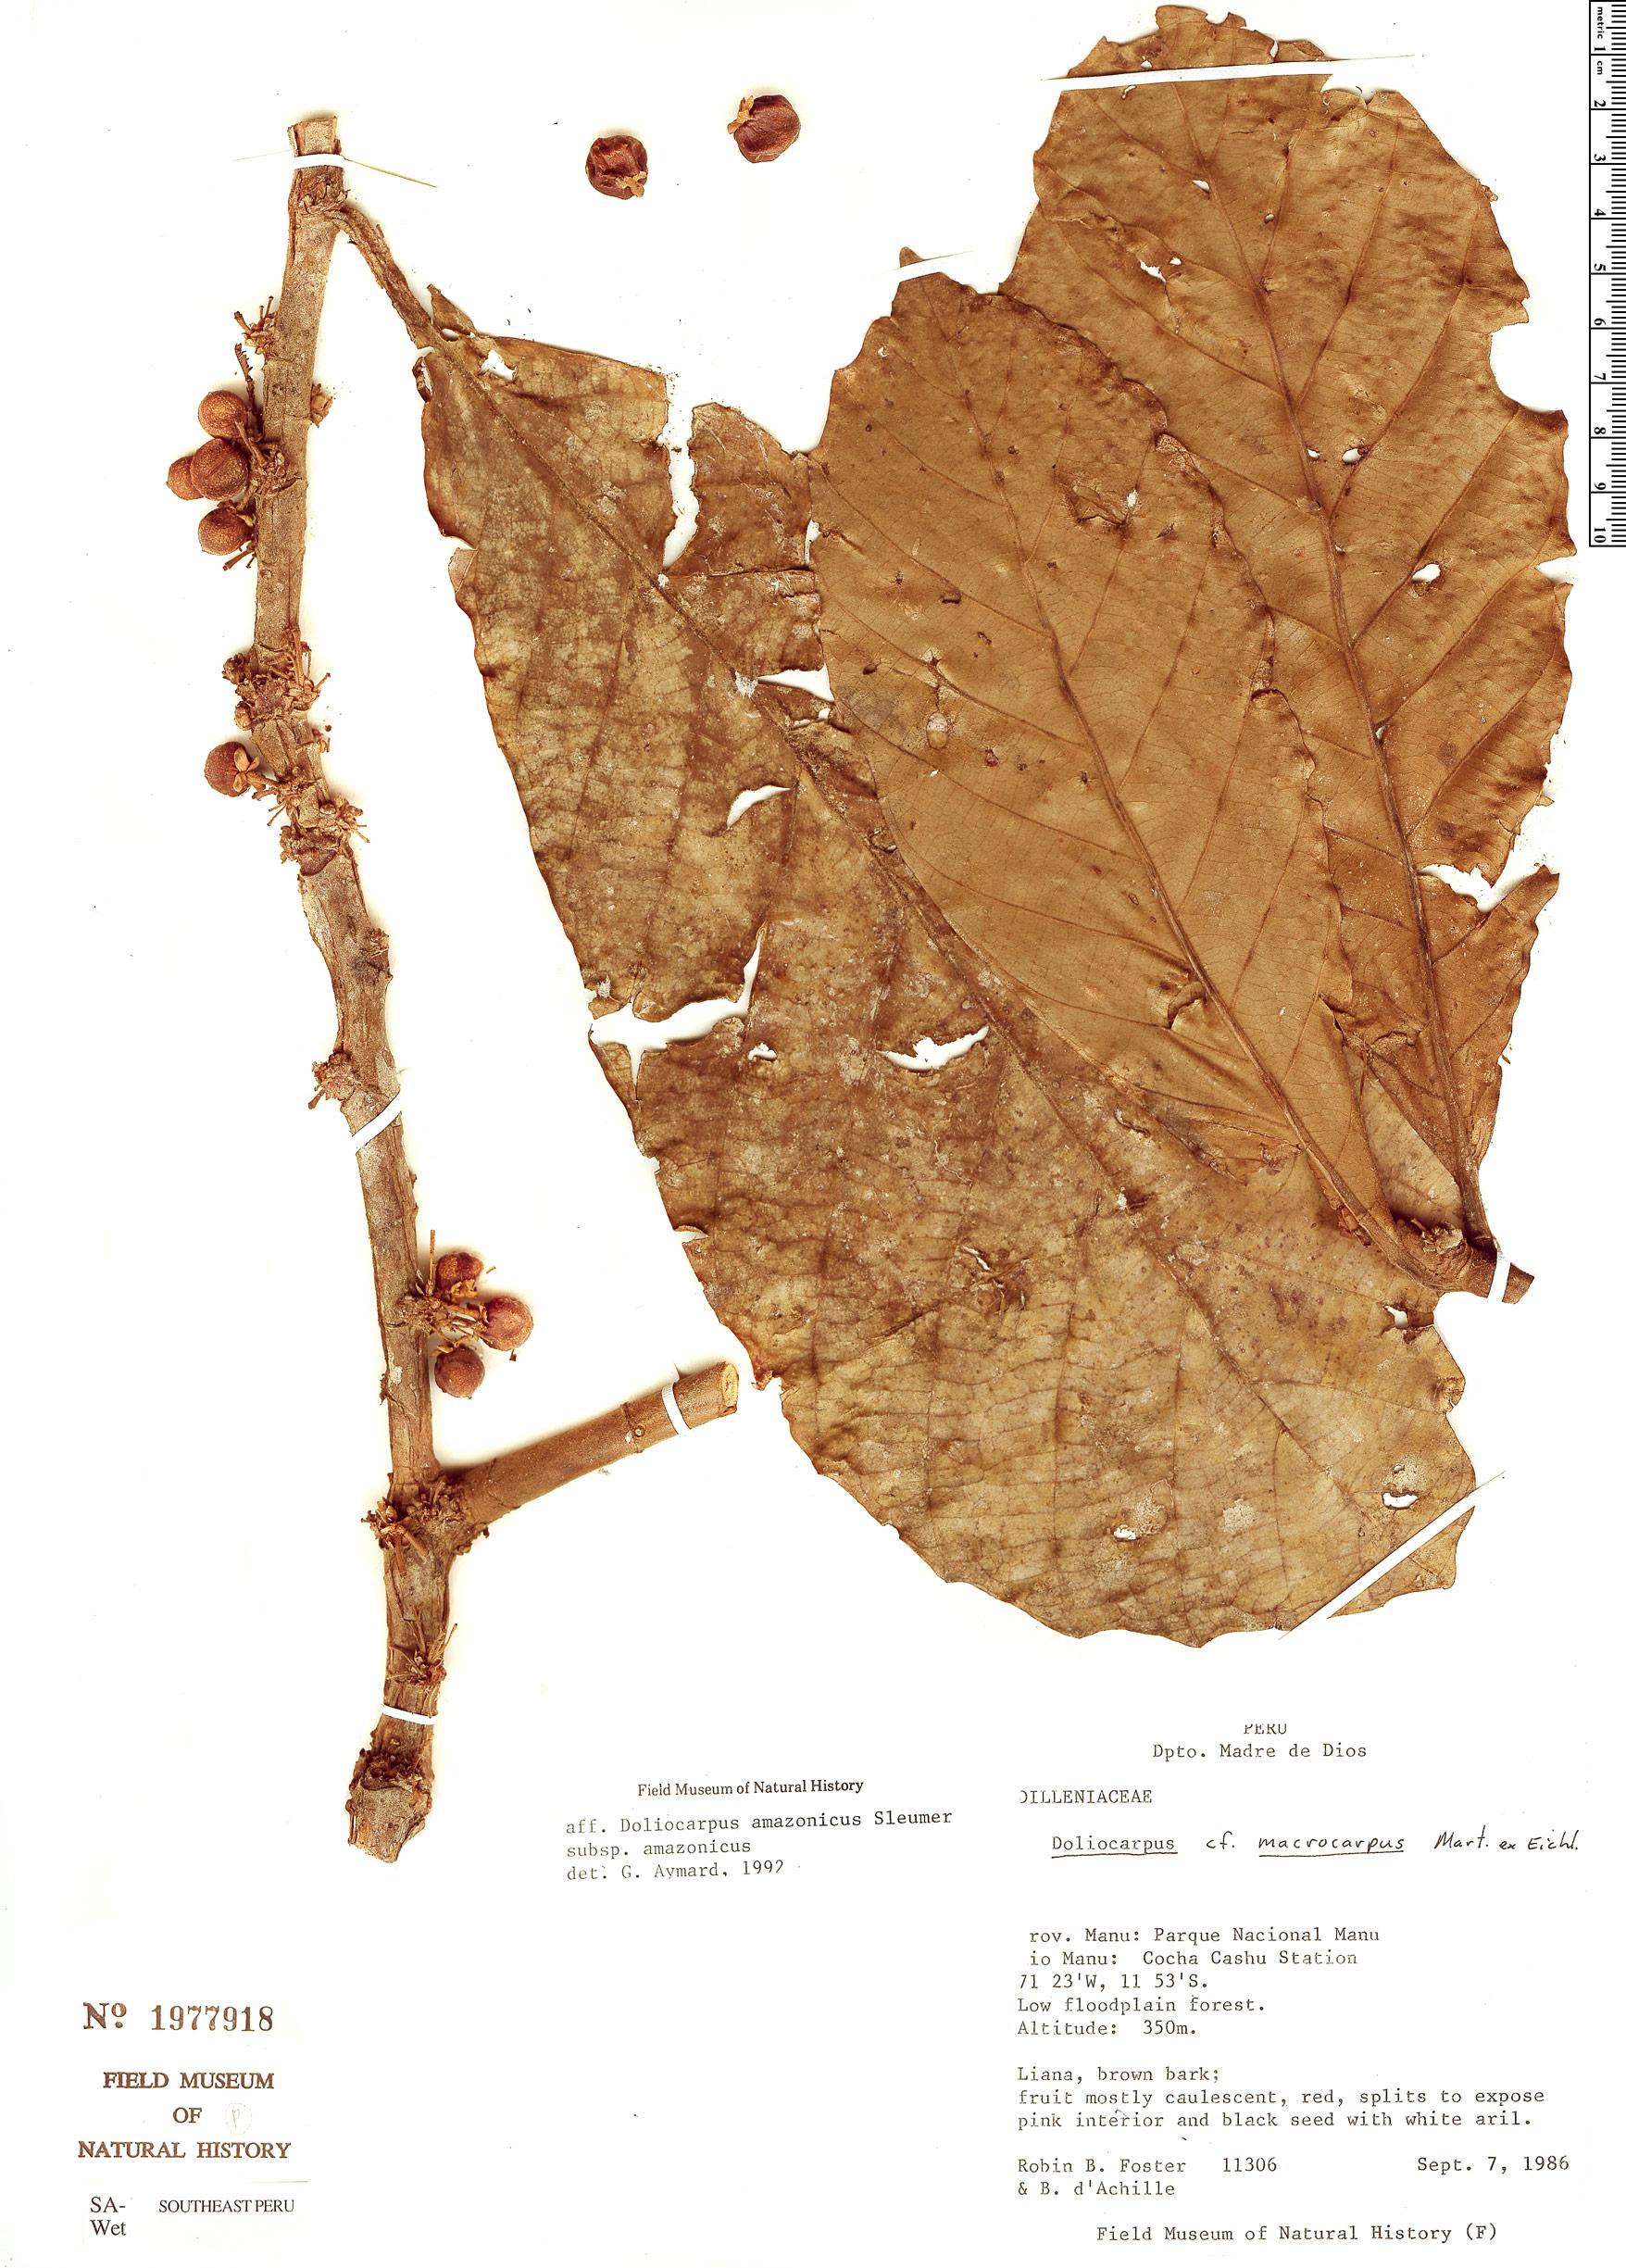 Specimen: Doliocarpus amazonicus